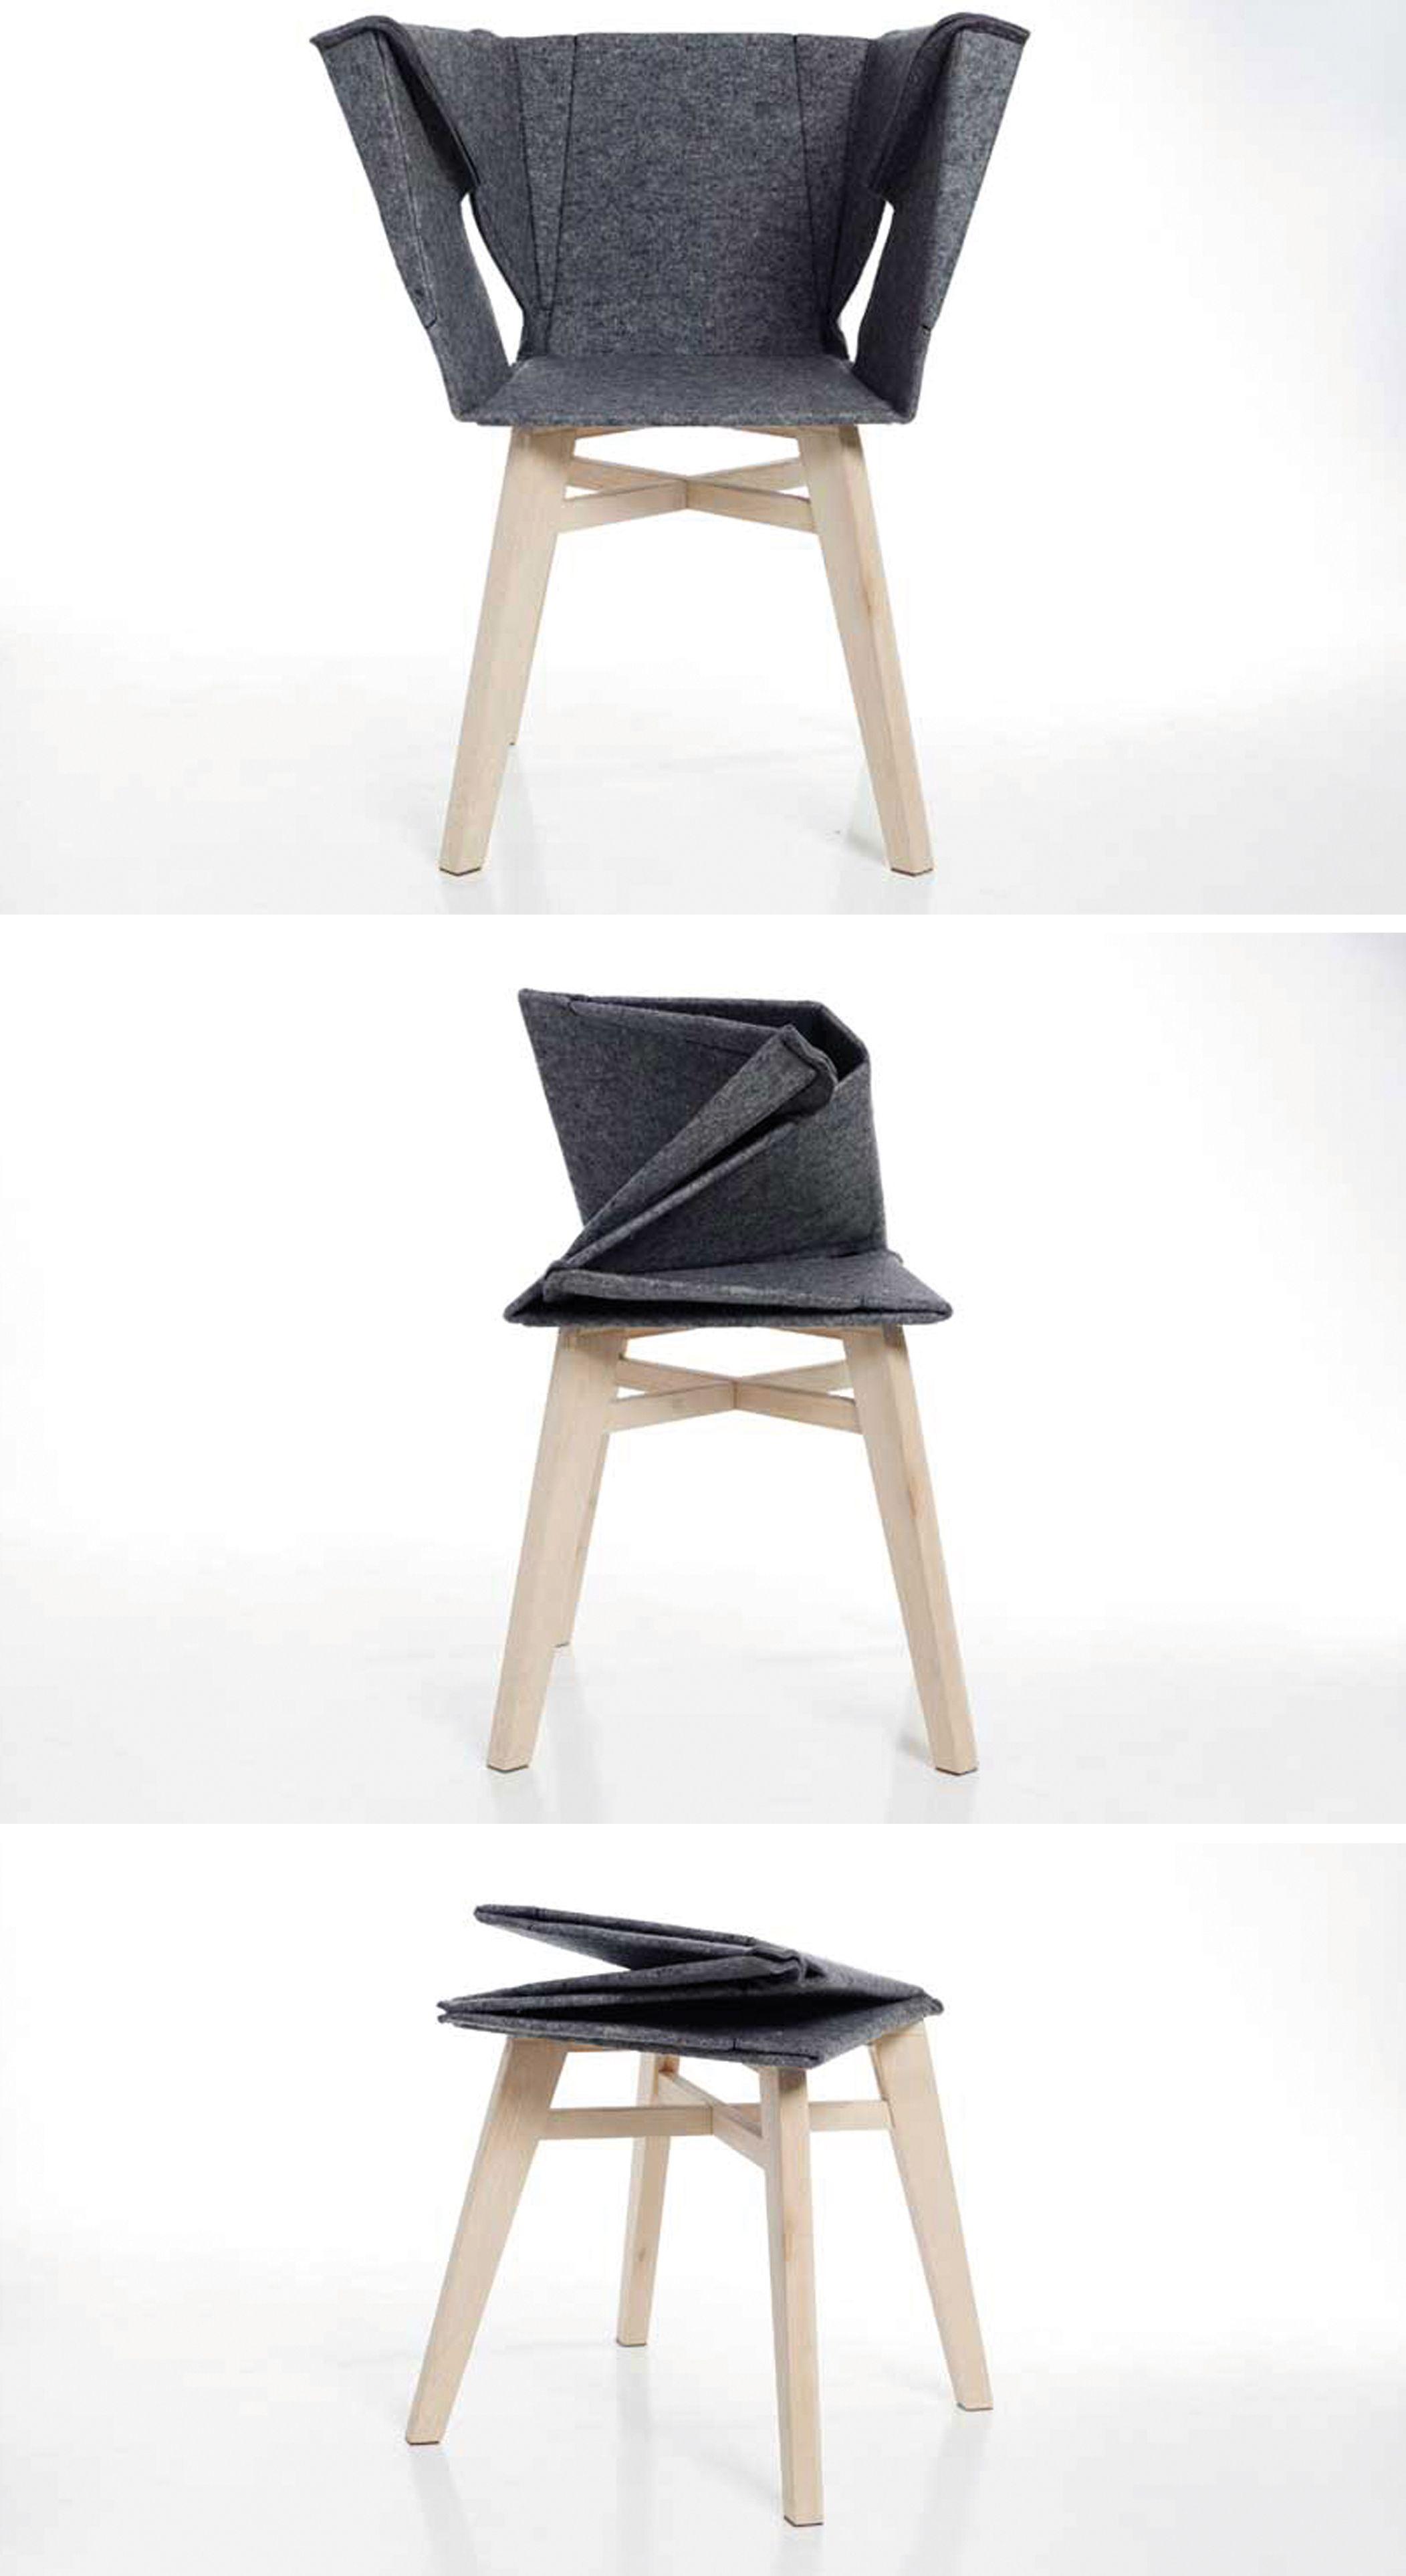 Pin On Furniture Seating